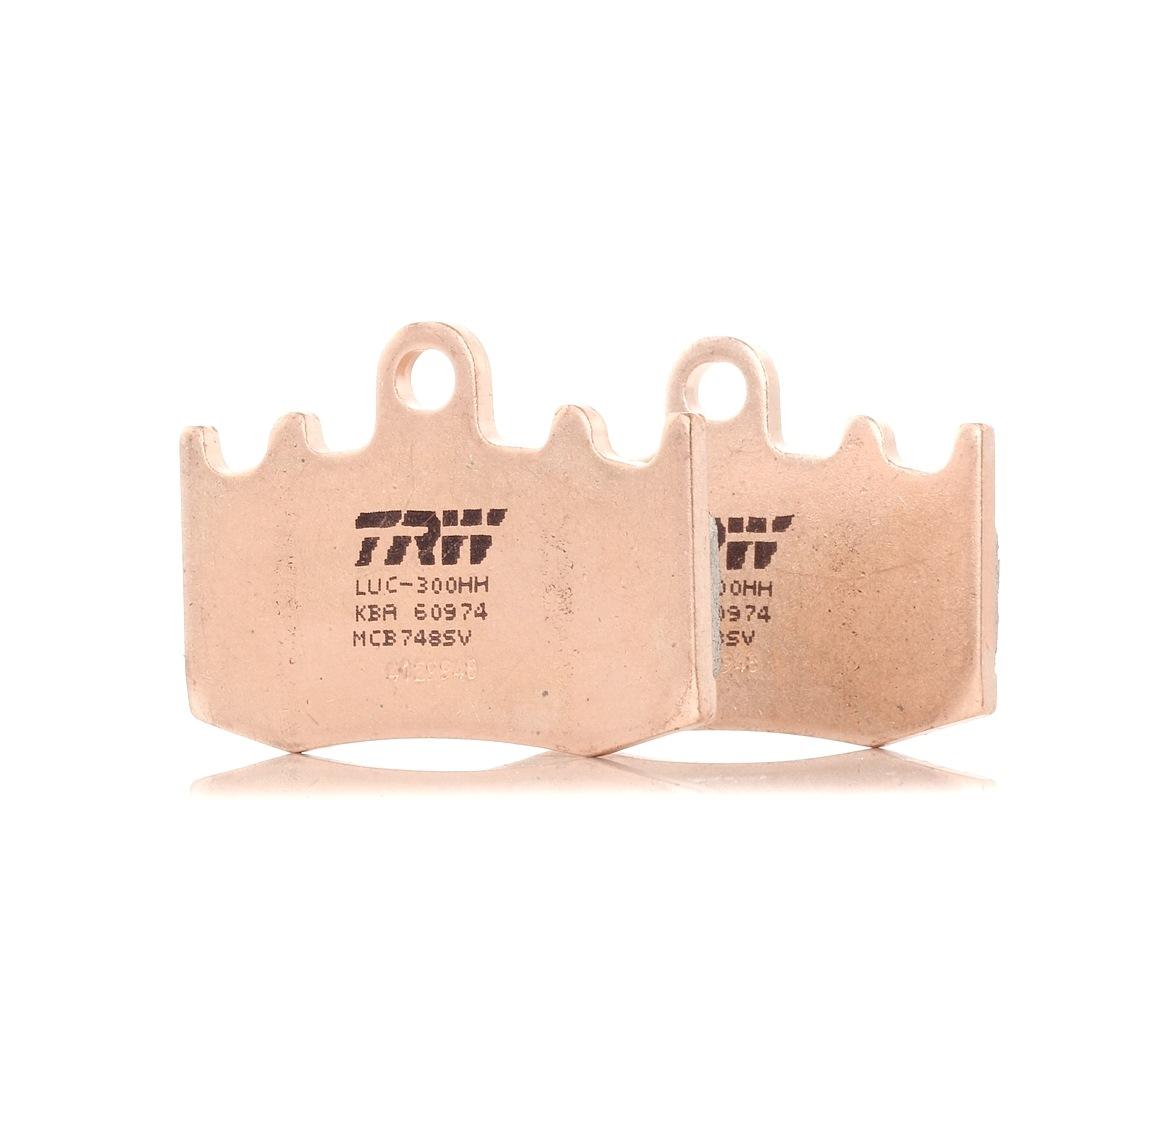 Kit de plaquettes de frein, frein à disque MCB748SV à bas prix — achetez maintenant !